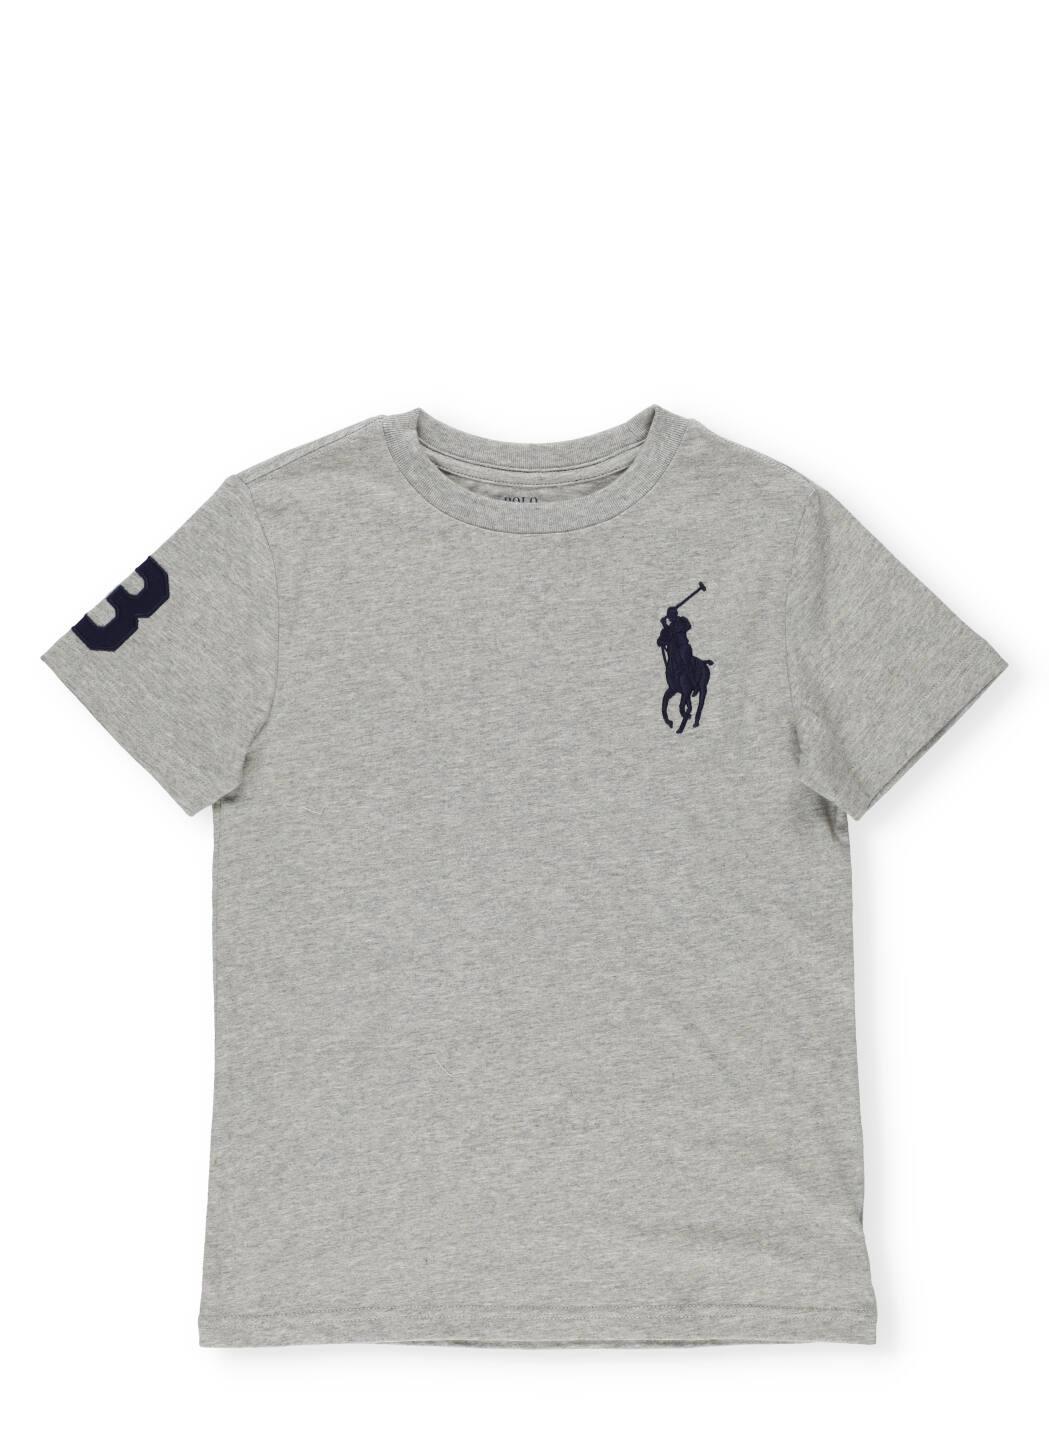 Ralph Lauren Big Pony T-shirt